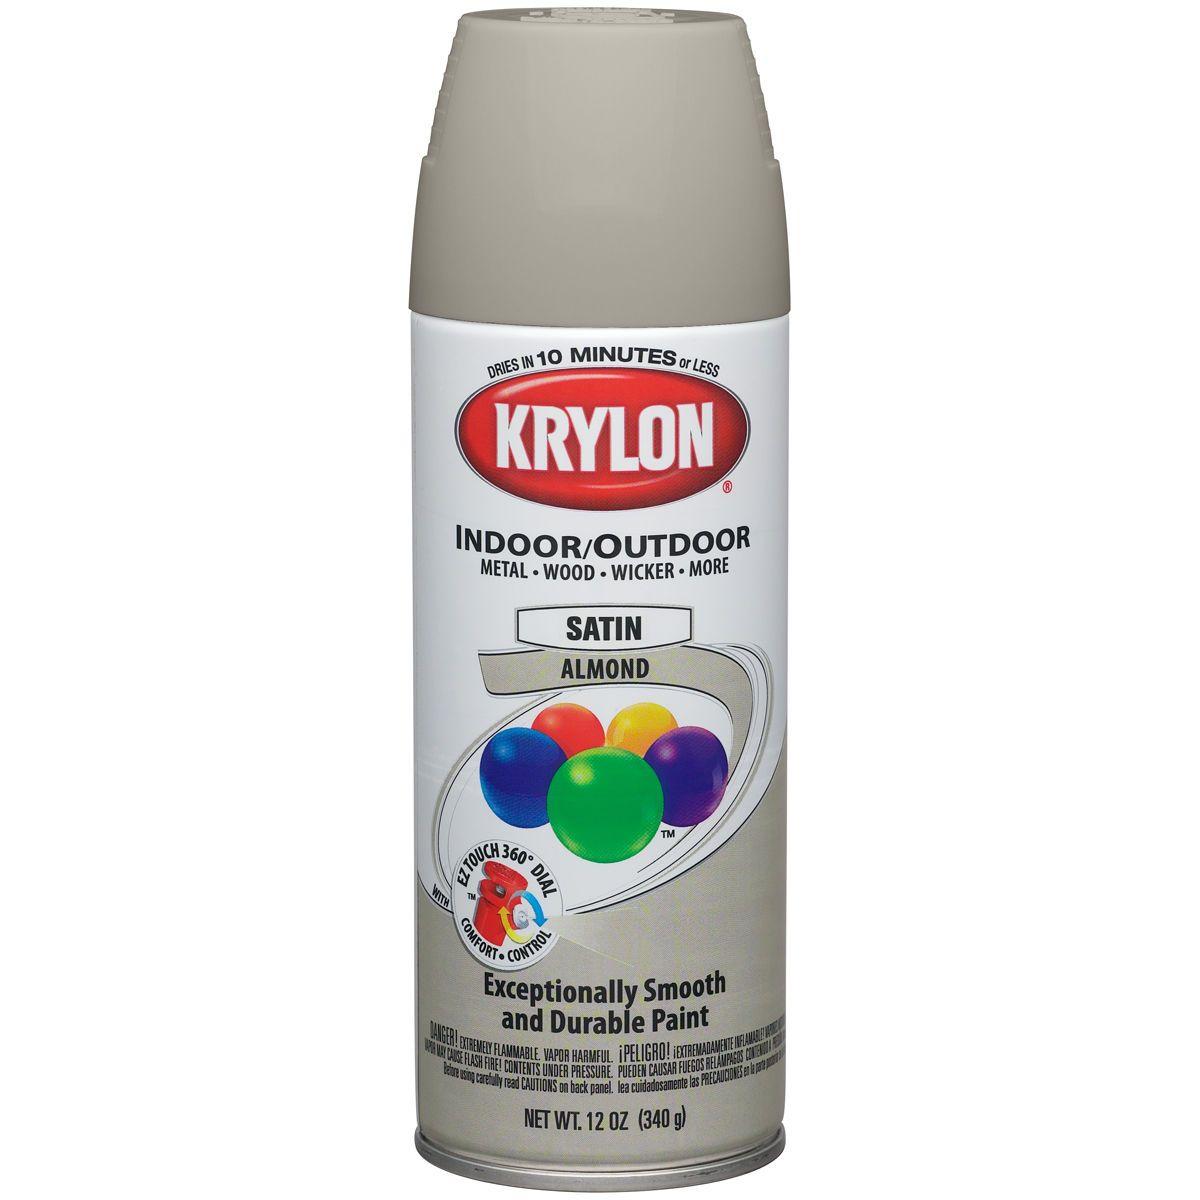 Krylon Indoor/Outdoor Aerosol Paint 12oz - Satin Almond